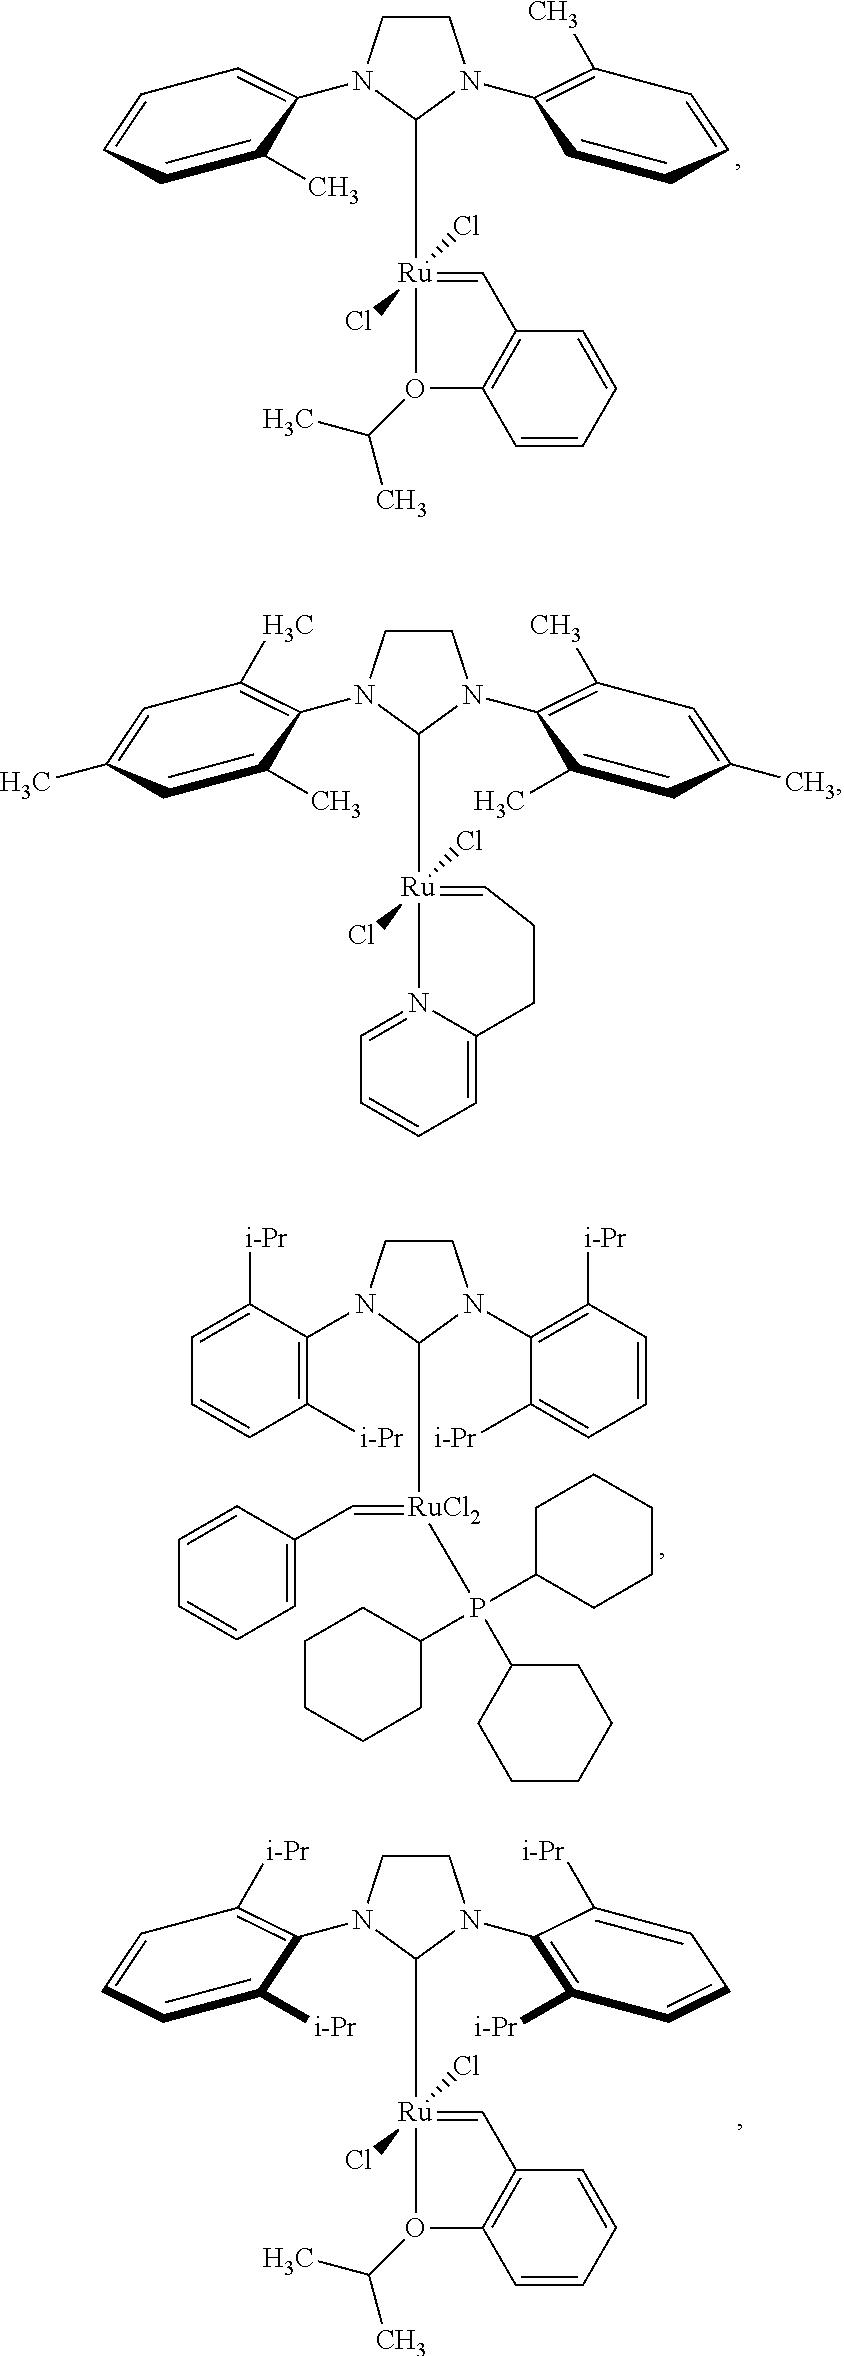 Figure US09592476-20170314-C00016